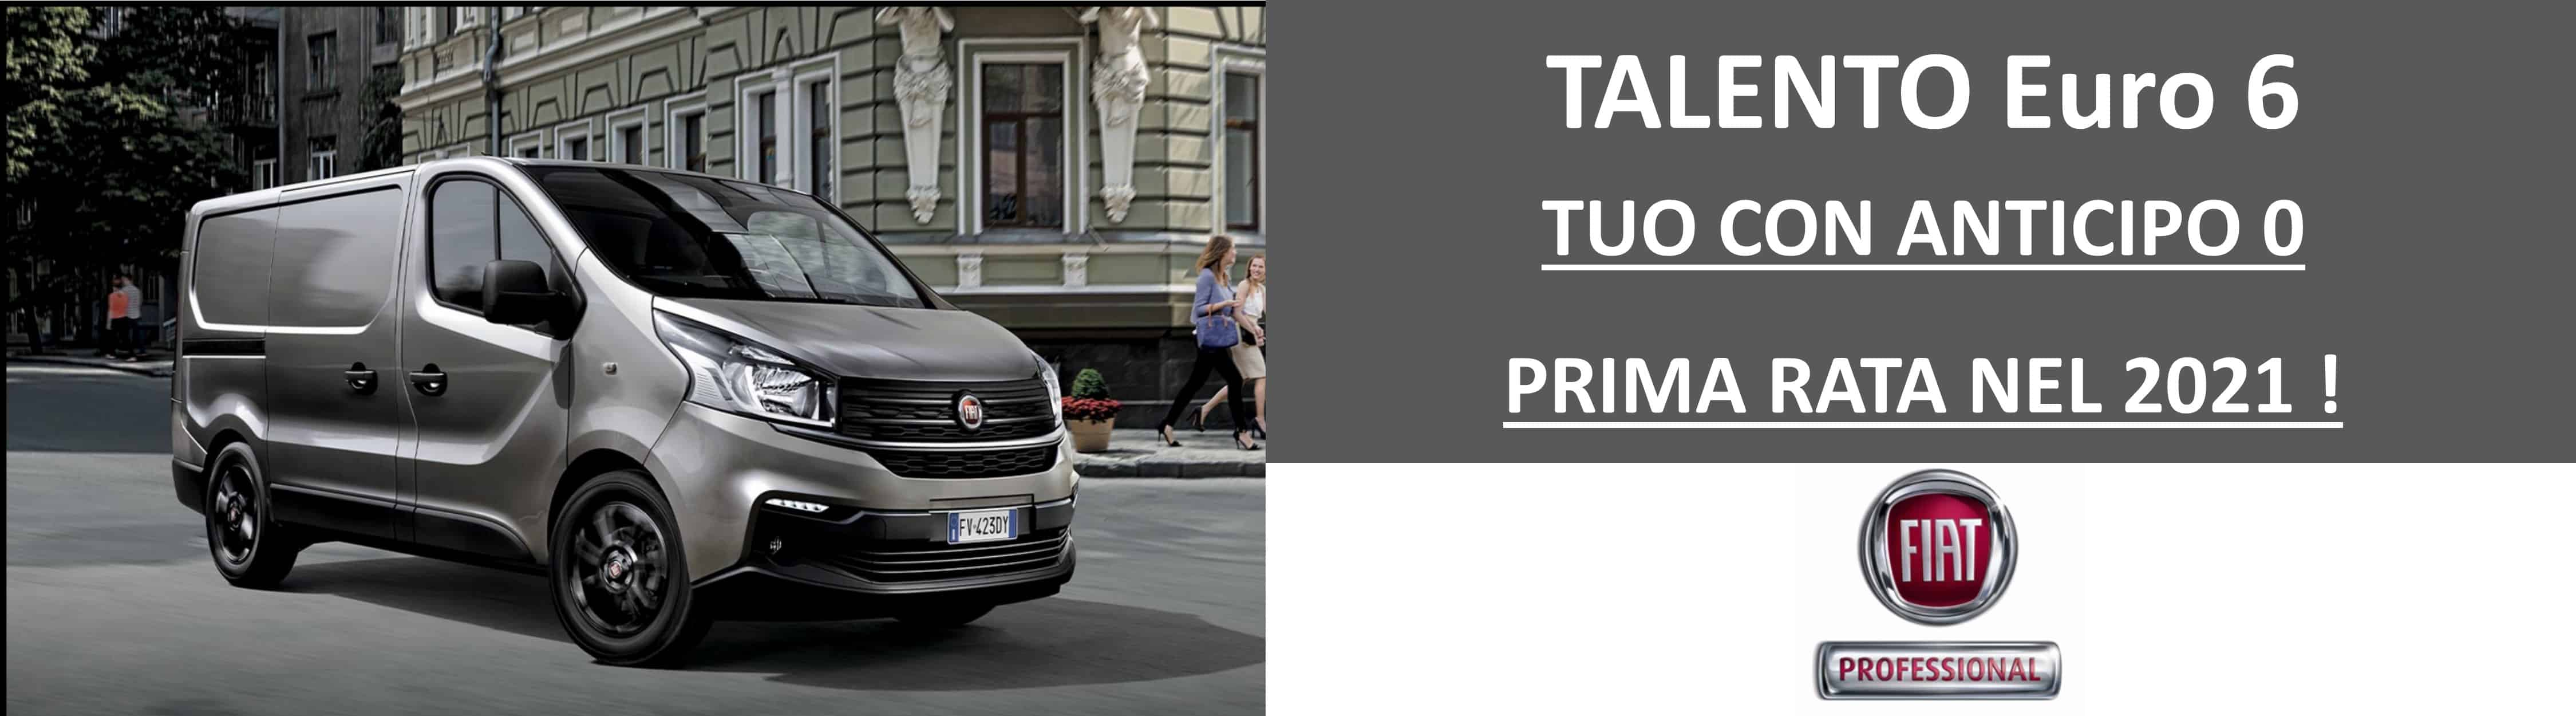 TALENTO FIAT PROFESSIONAL Euro 6: ANTICIPO 0 PRIMA RATA NEL 2021